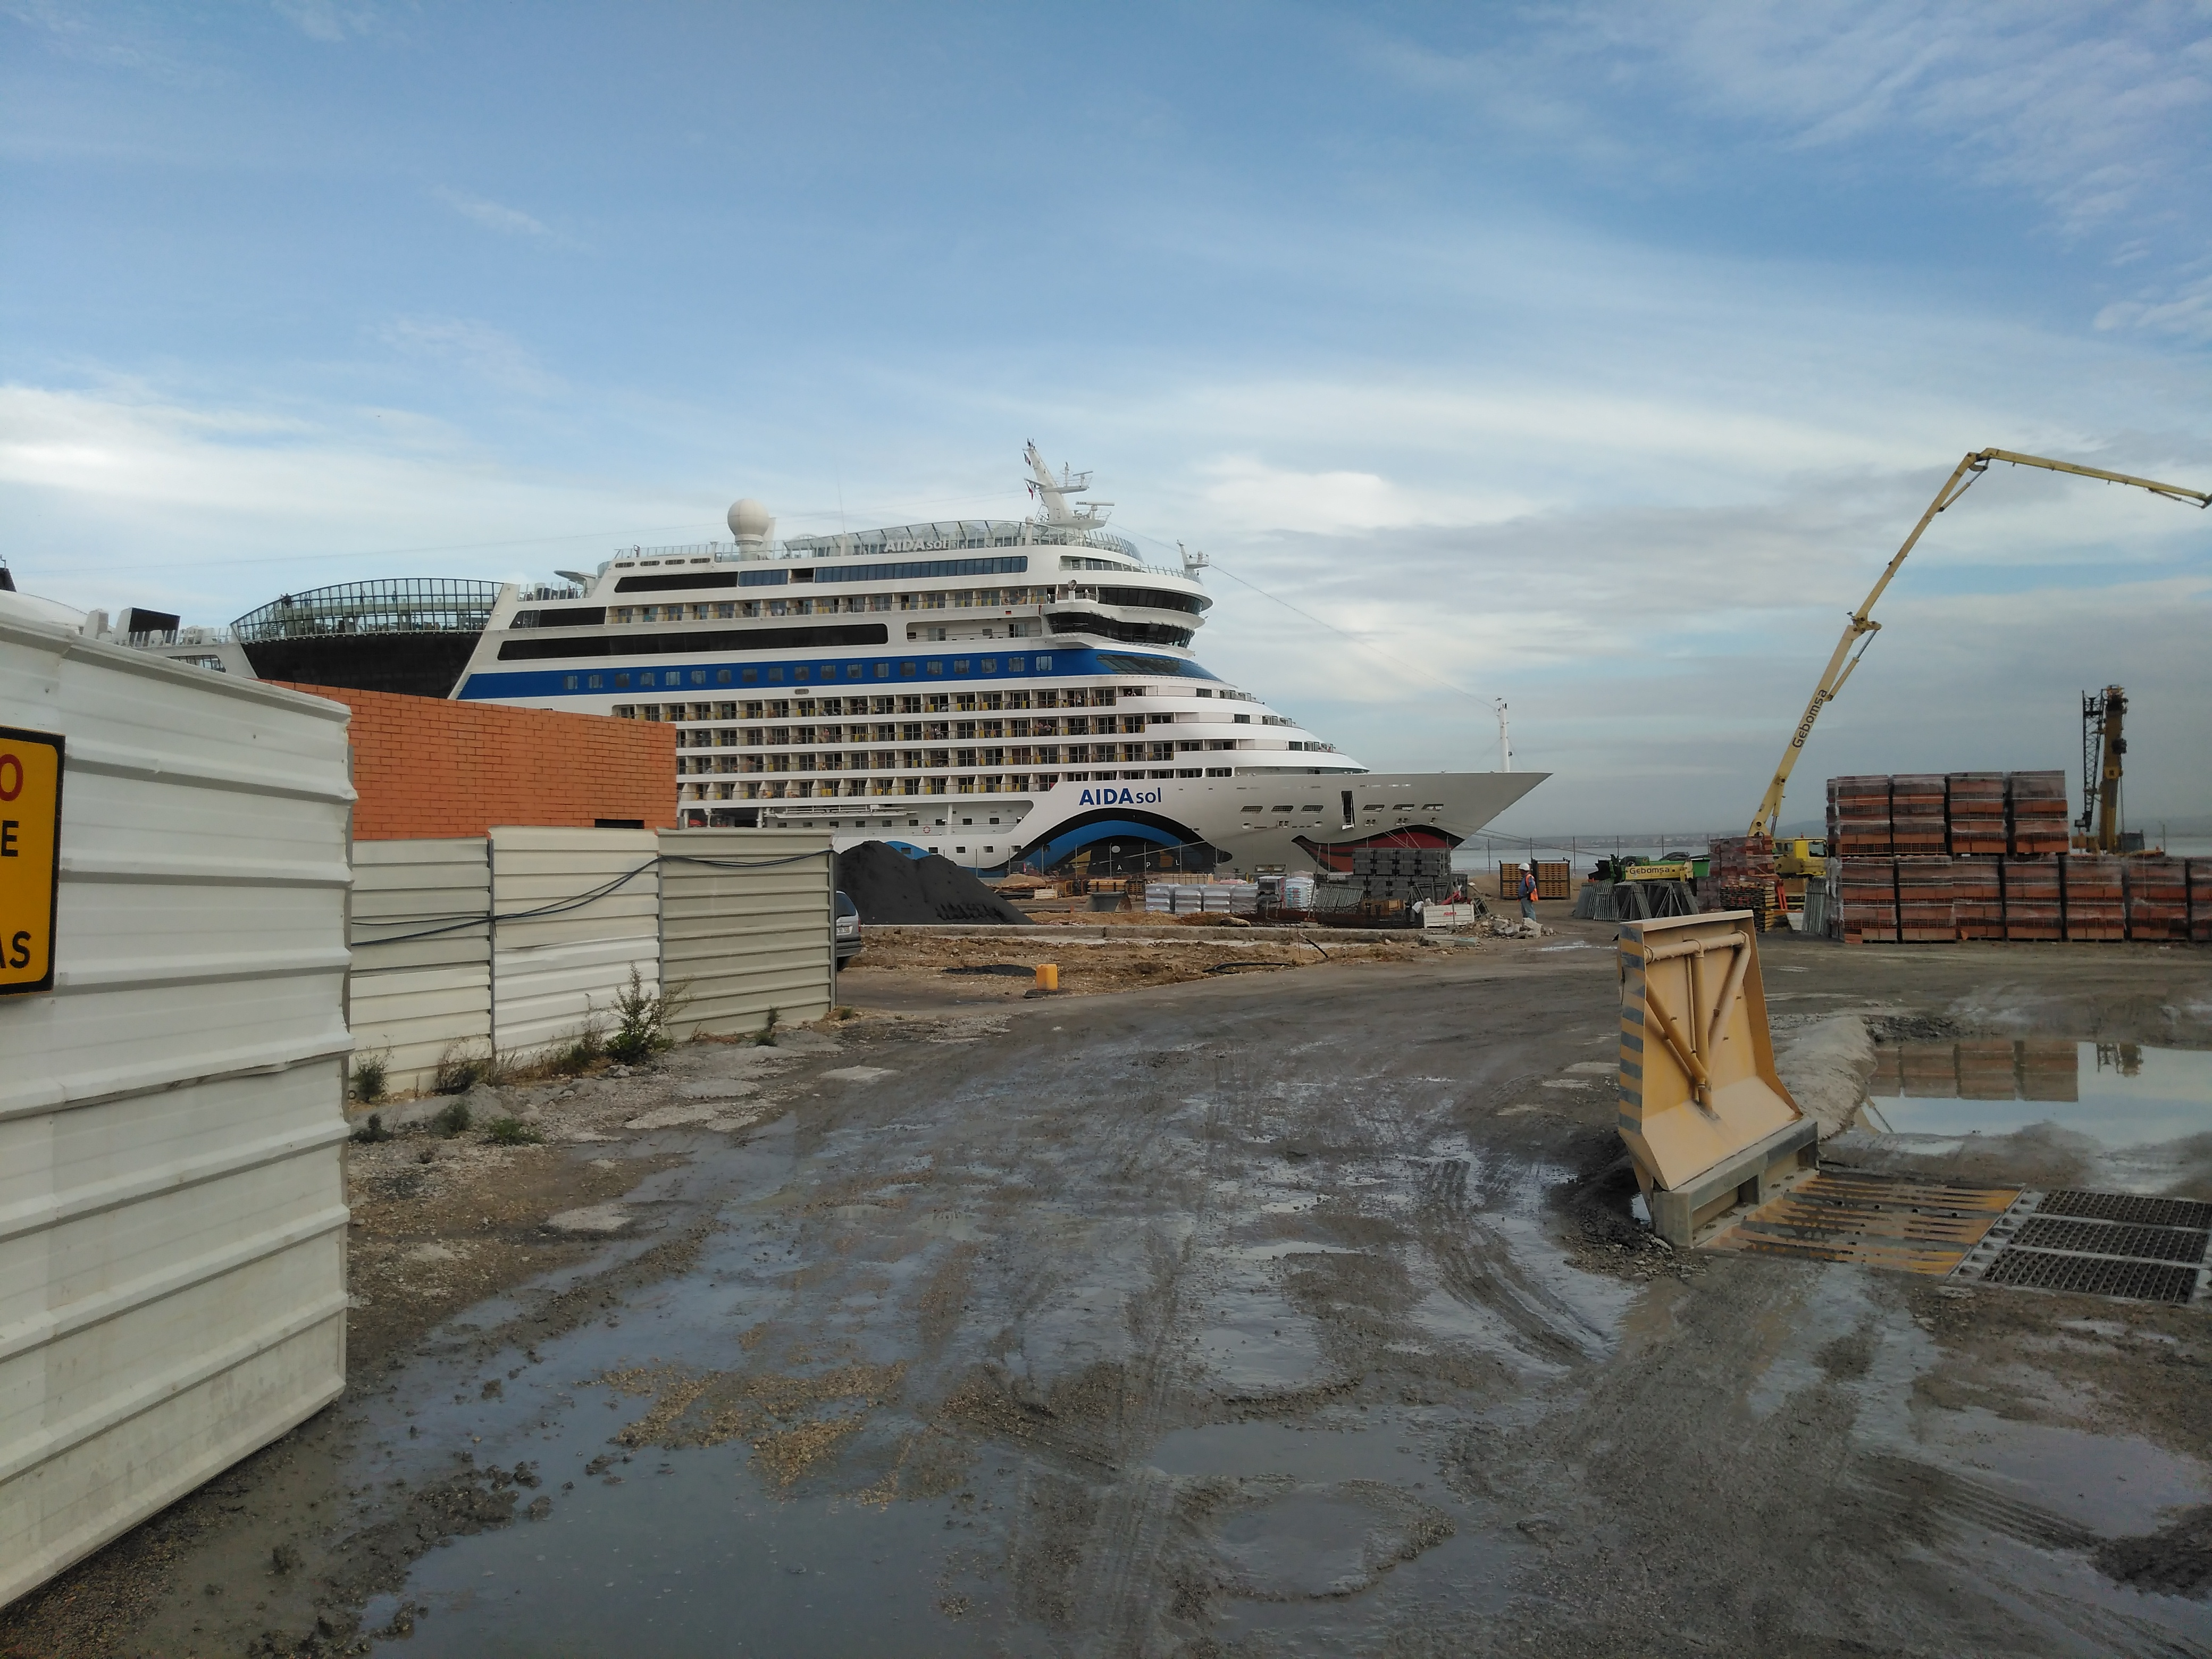 FileAIDAsol Near The New Lisbon Cruise Terminaljpg Wikimedia - Lisbon cruise ship port